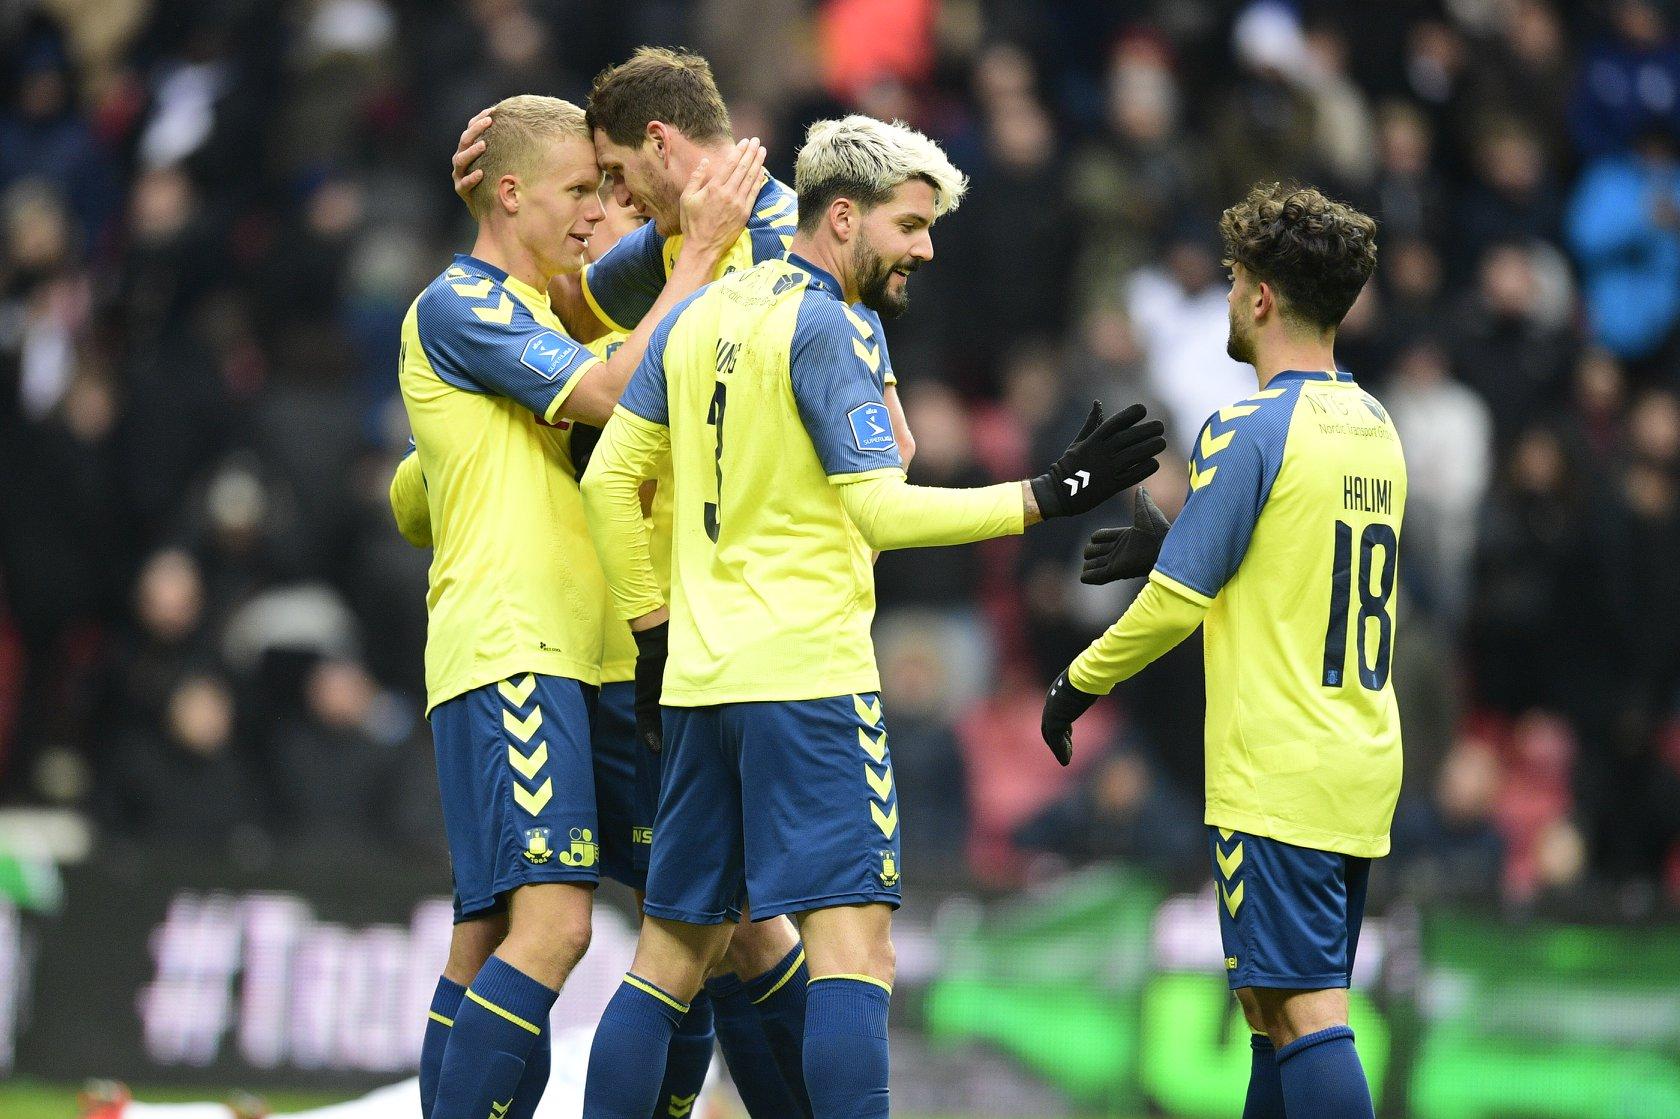 Silkeborg-Brondby 4 novembre: il pronostico di Superliga Danimarca